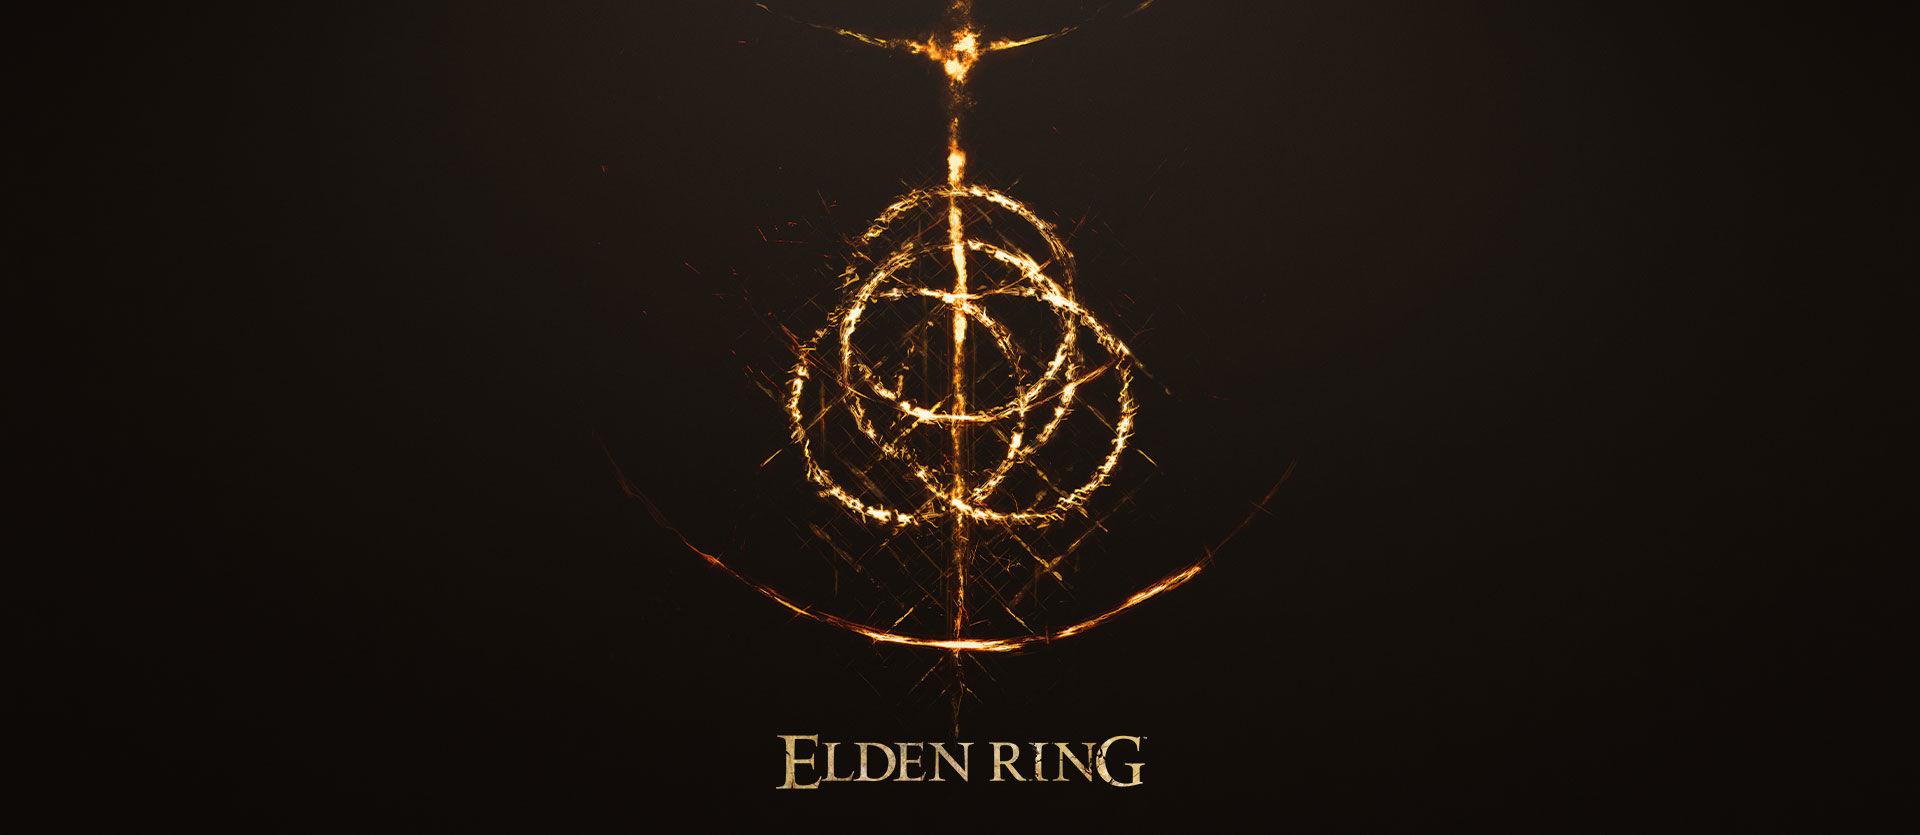 Microsoft denies Elden Ring rumors